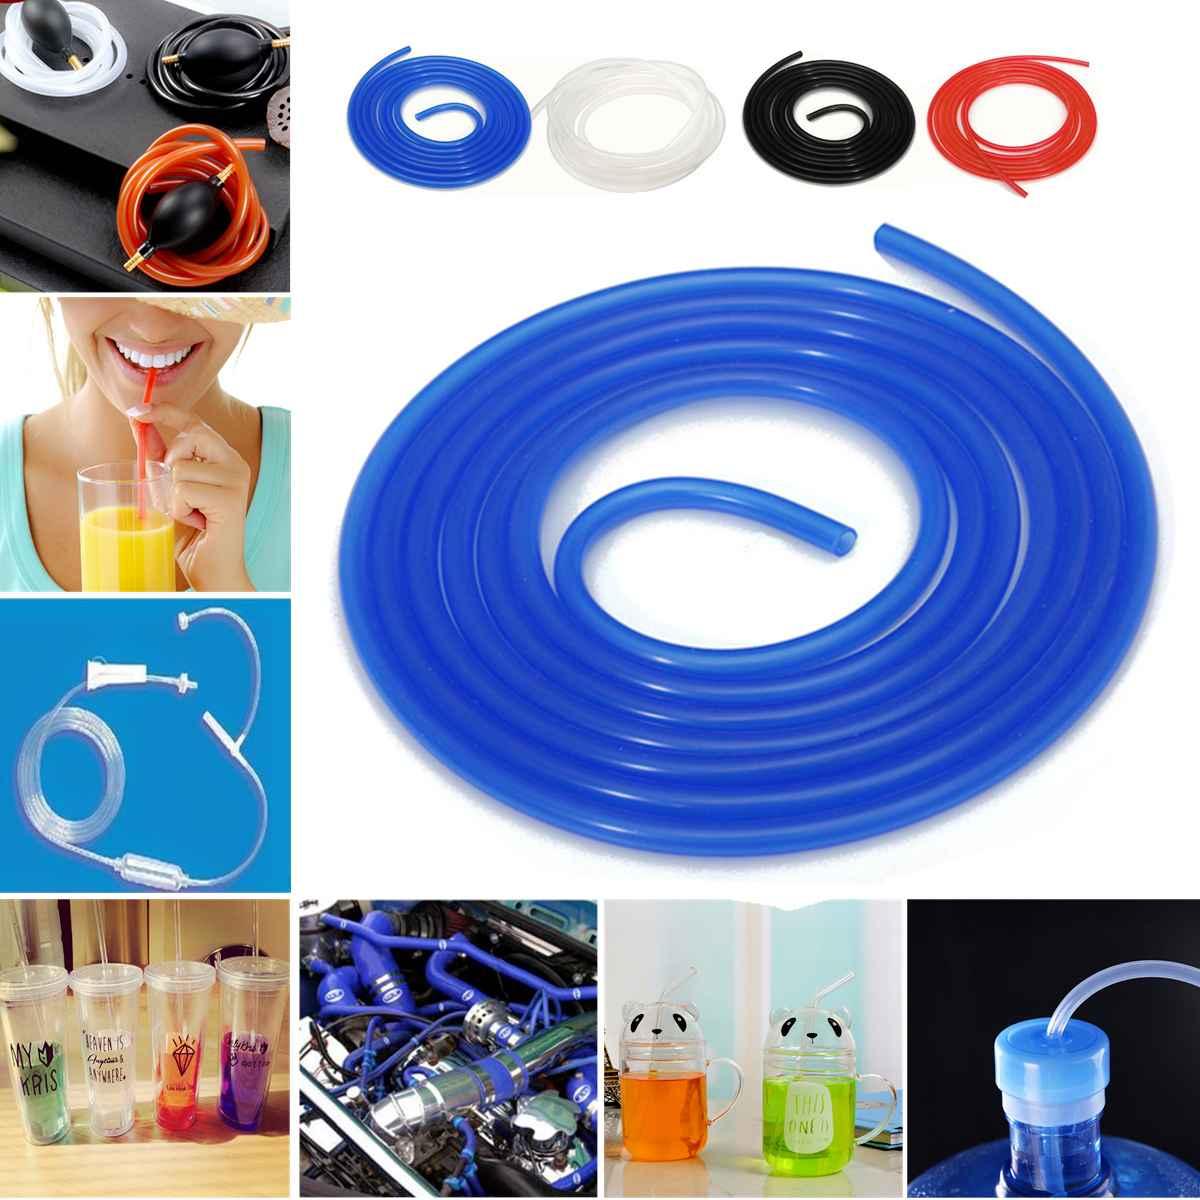 Manguera de refrigerante de silicona recta 3 metros de longitud Intercooler Pipe ID 3mm 4mm 5mm 6mm 10mm rojo/azul/Negro/translúcido